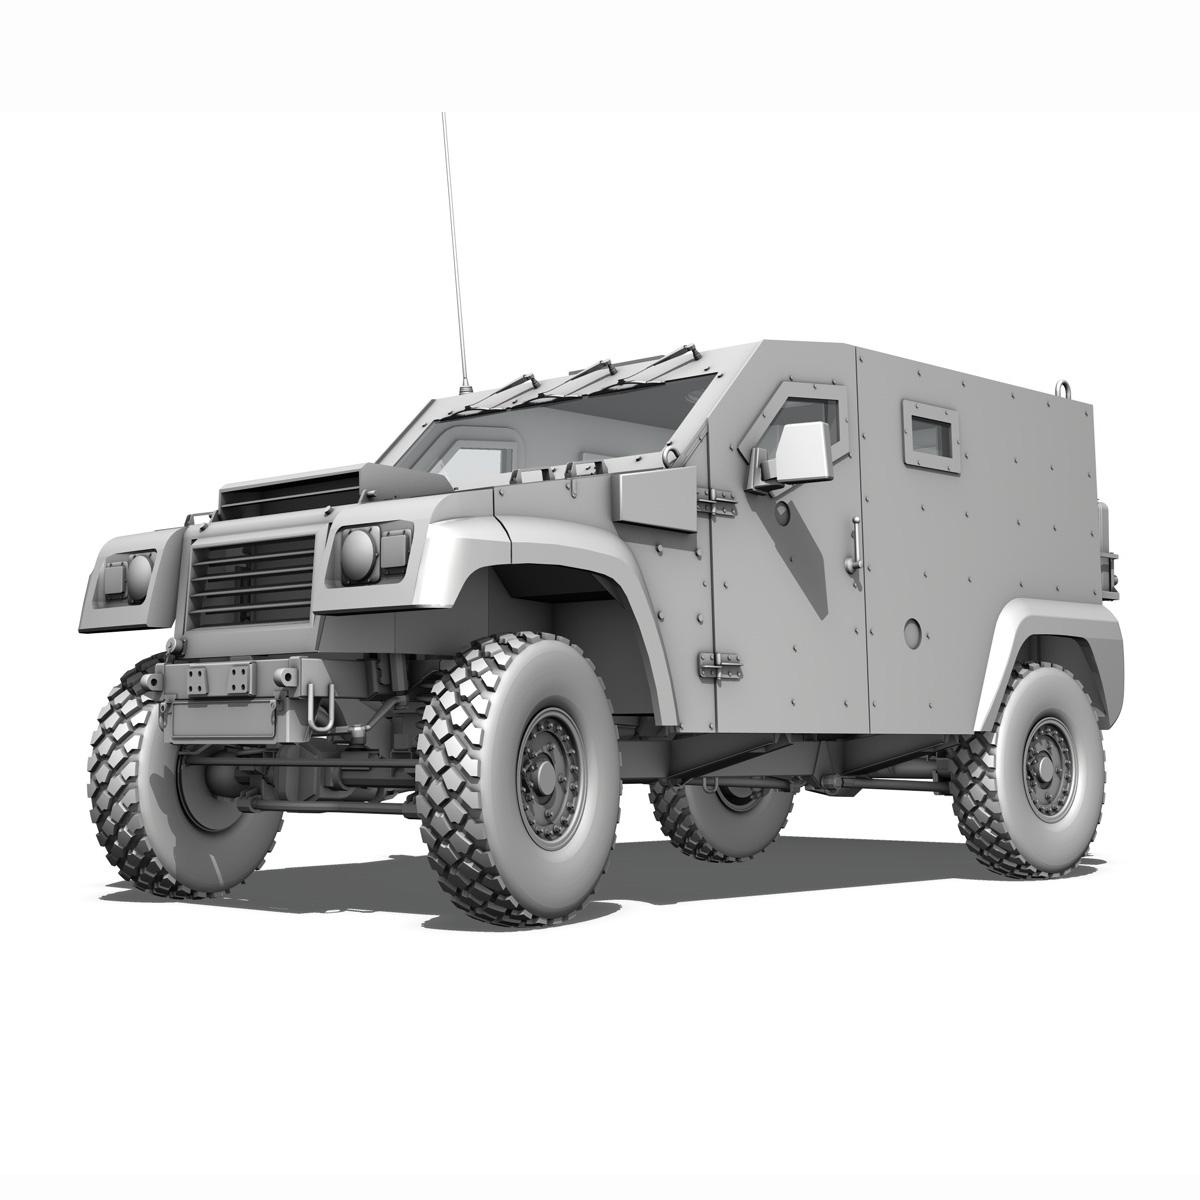 auverland panhard pvp – petit vehicule protege 3d model 3ds fbx c4d lwo obj 190125